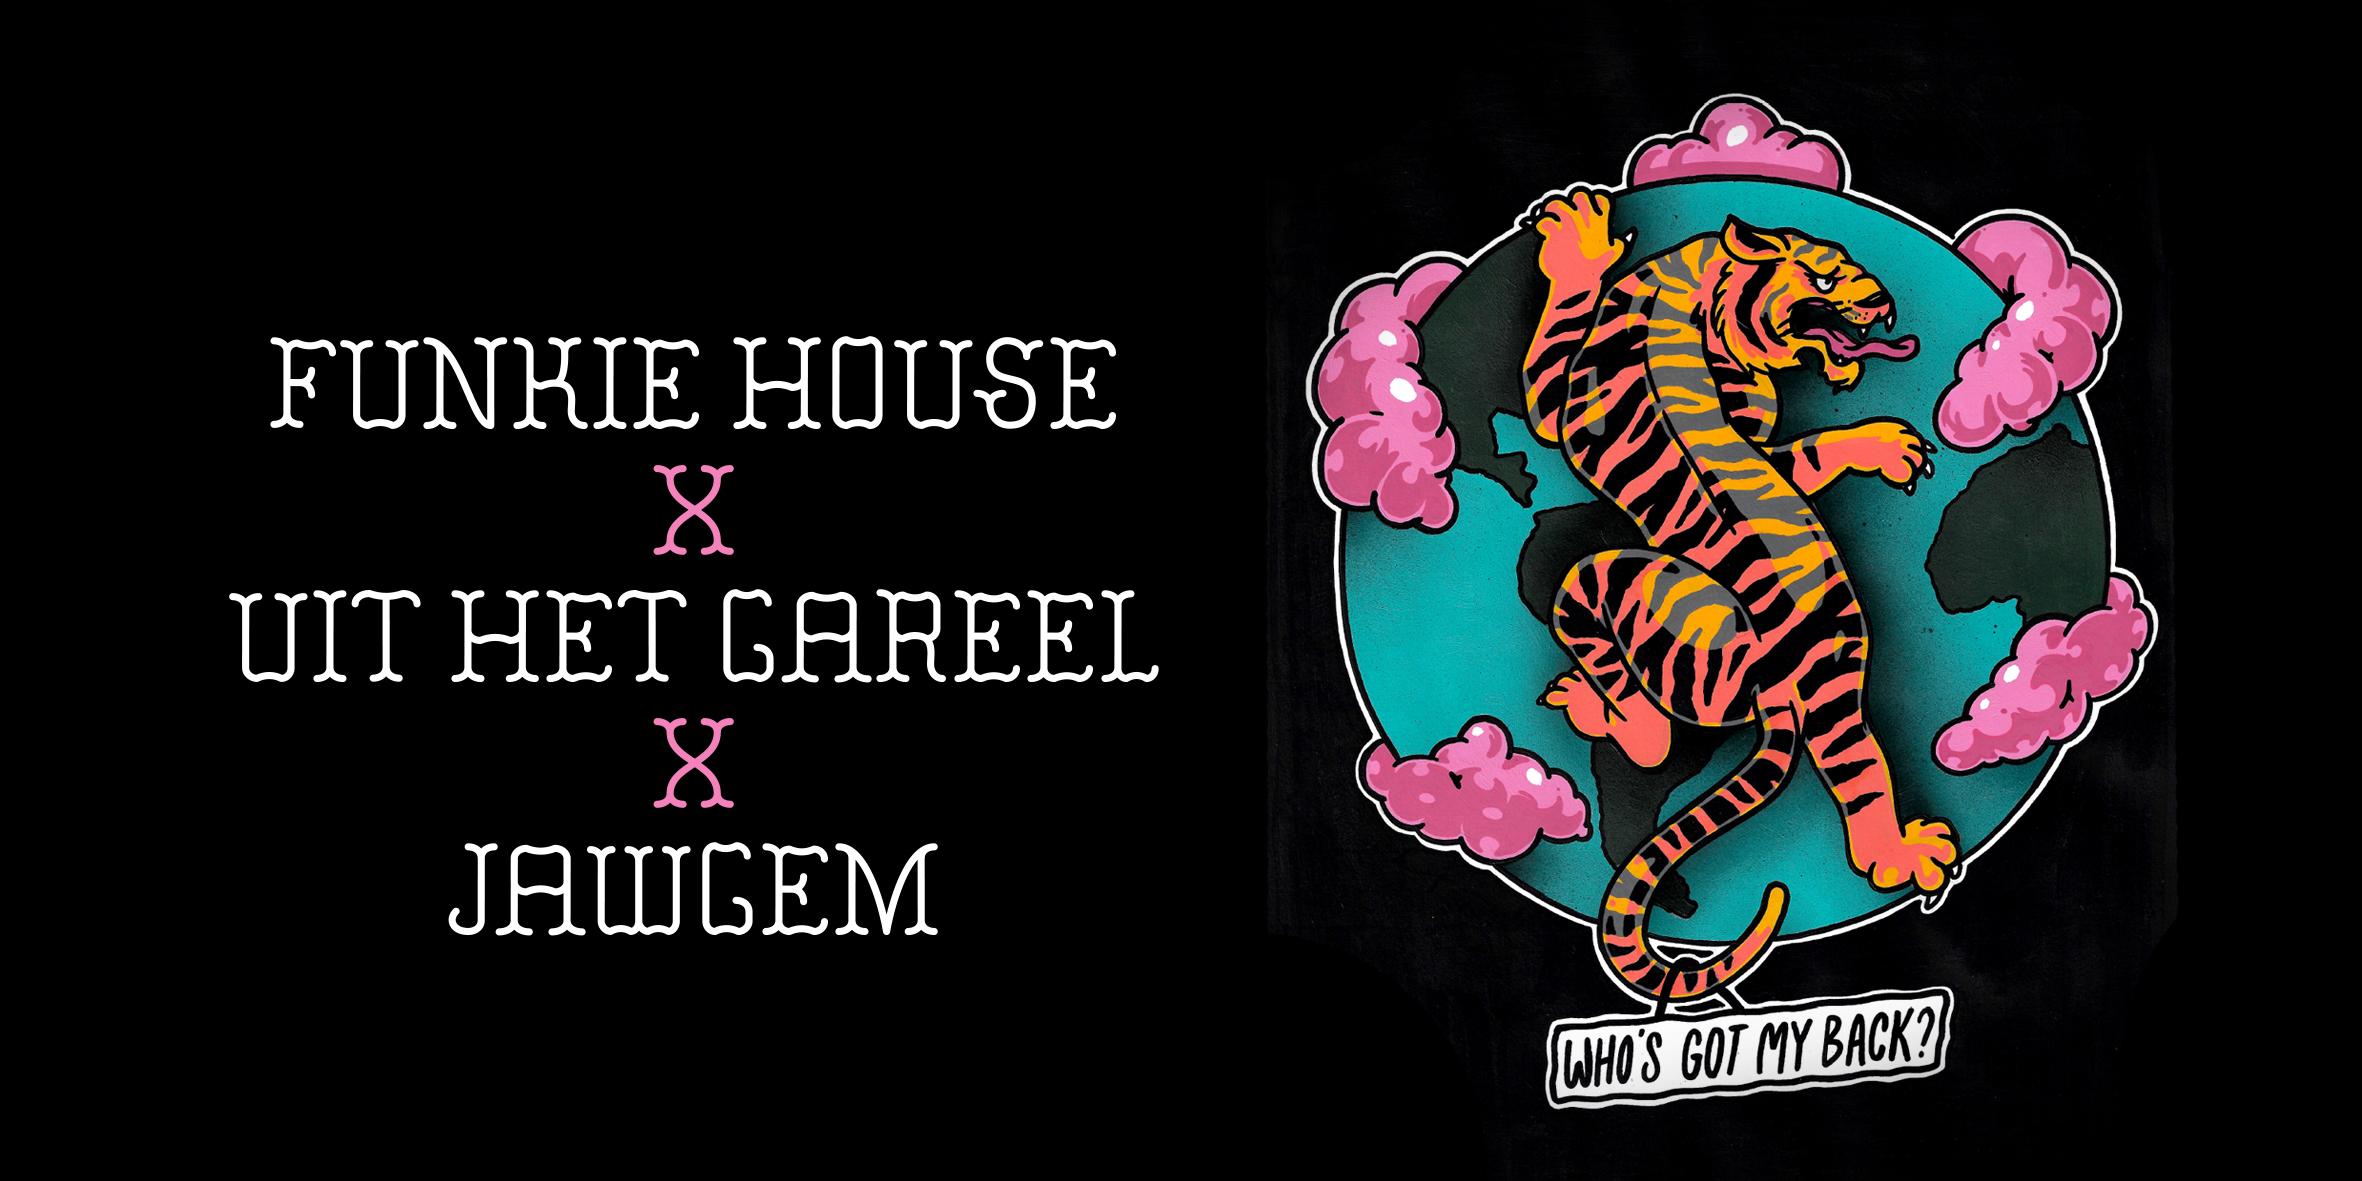 JAWGEM X Uit Het Gareel X Funkie House